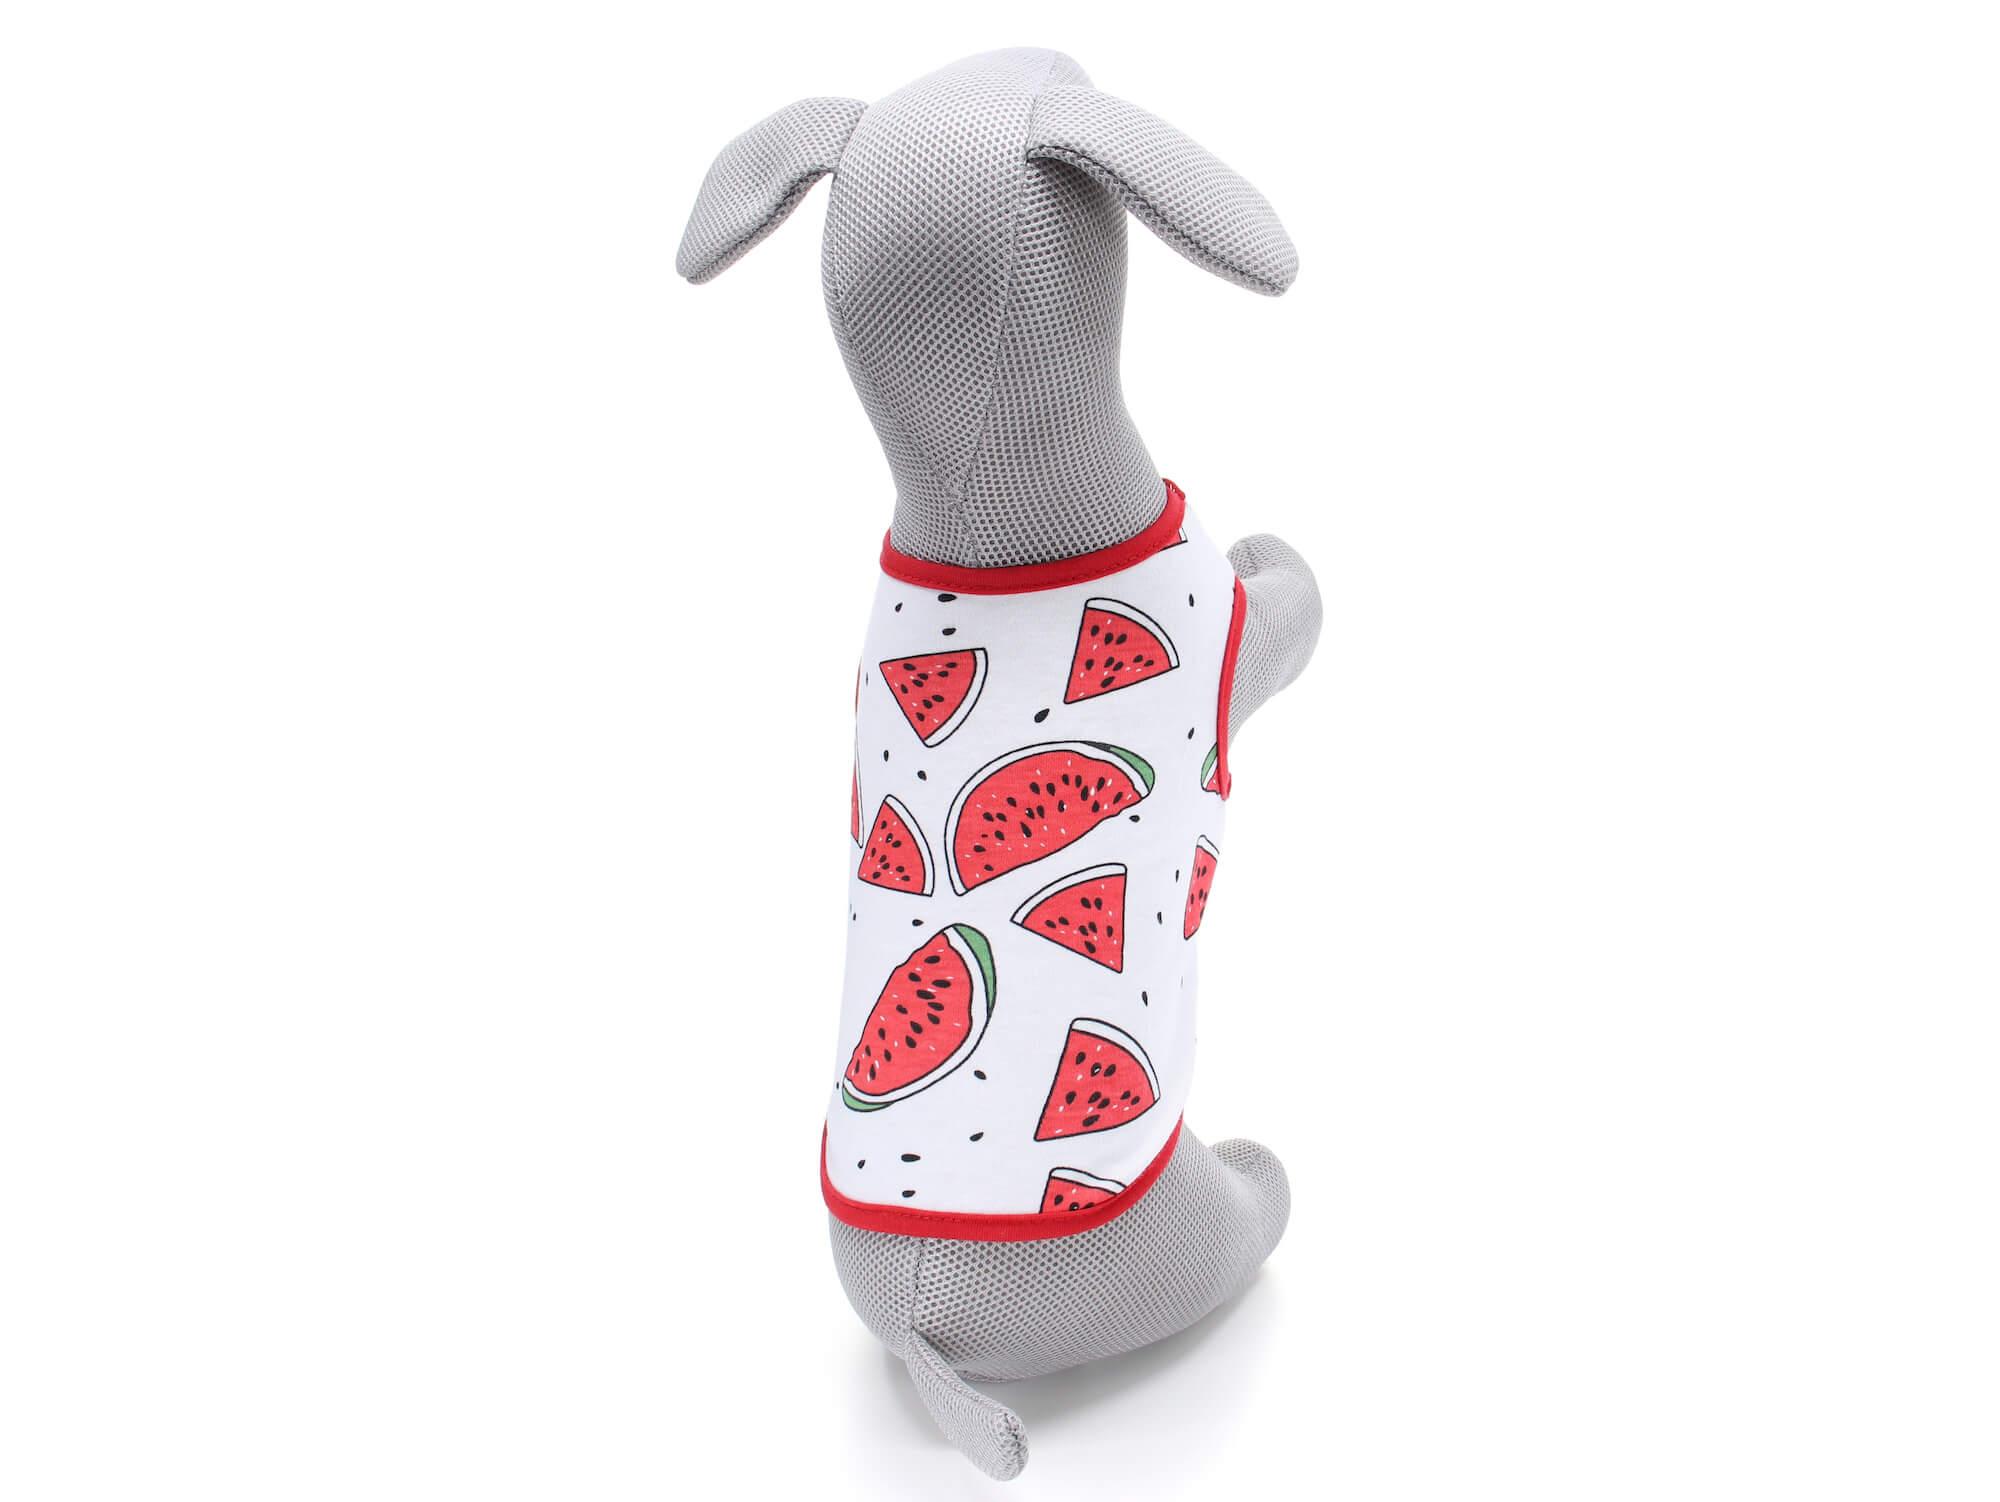 Vsepropejska Zada ovocné tričko s potiskem pro psa Barva: Červená, Délka zad psa: 20 cm, Obvod hrudníku: 32 - 36 cm